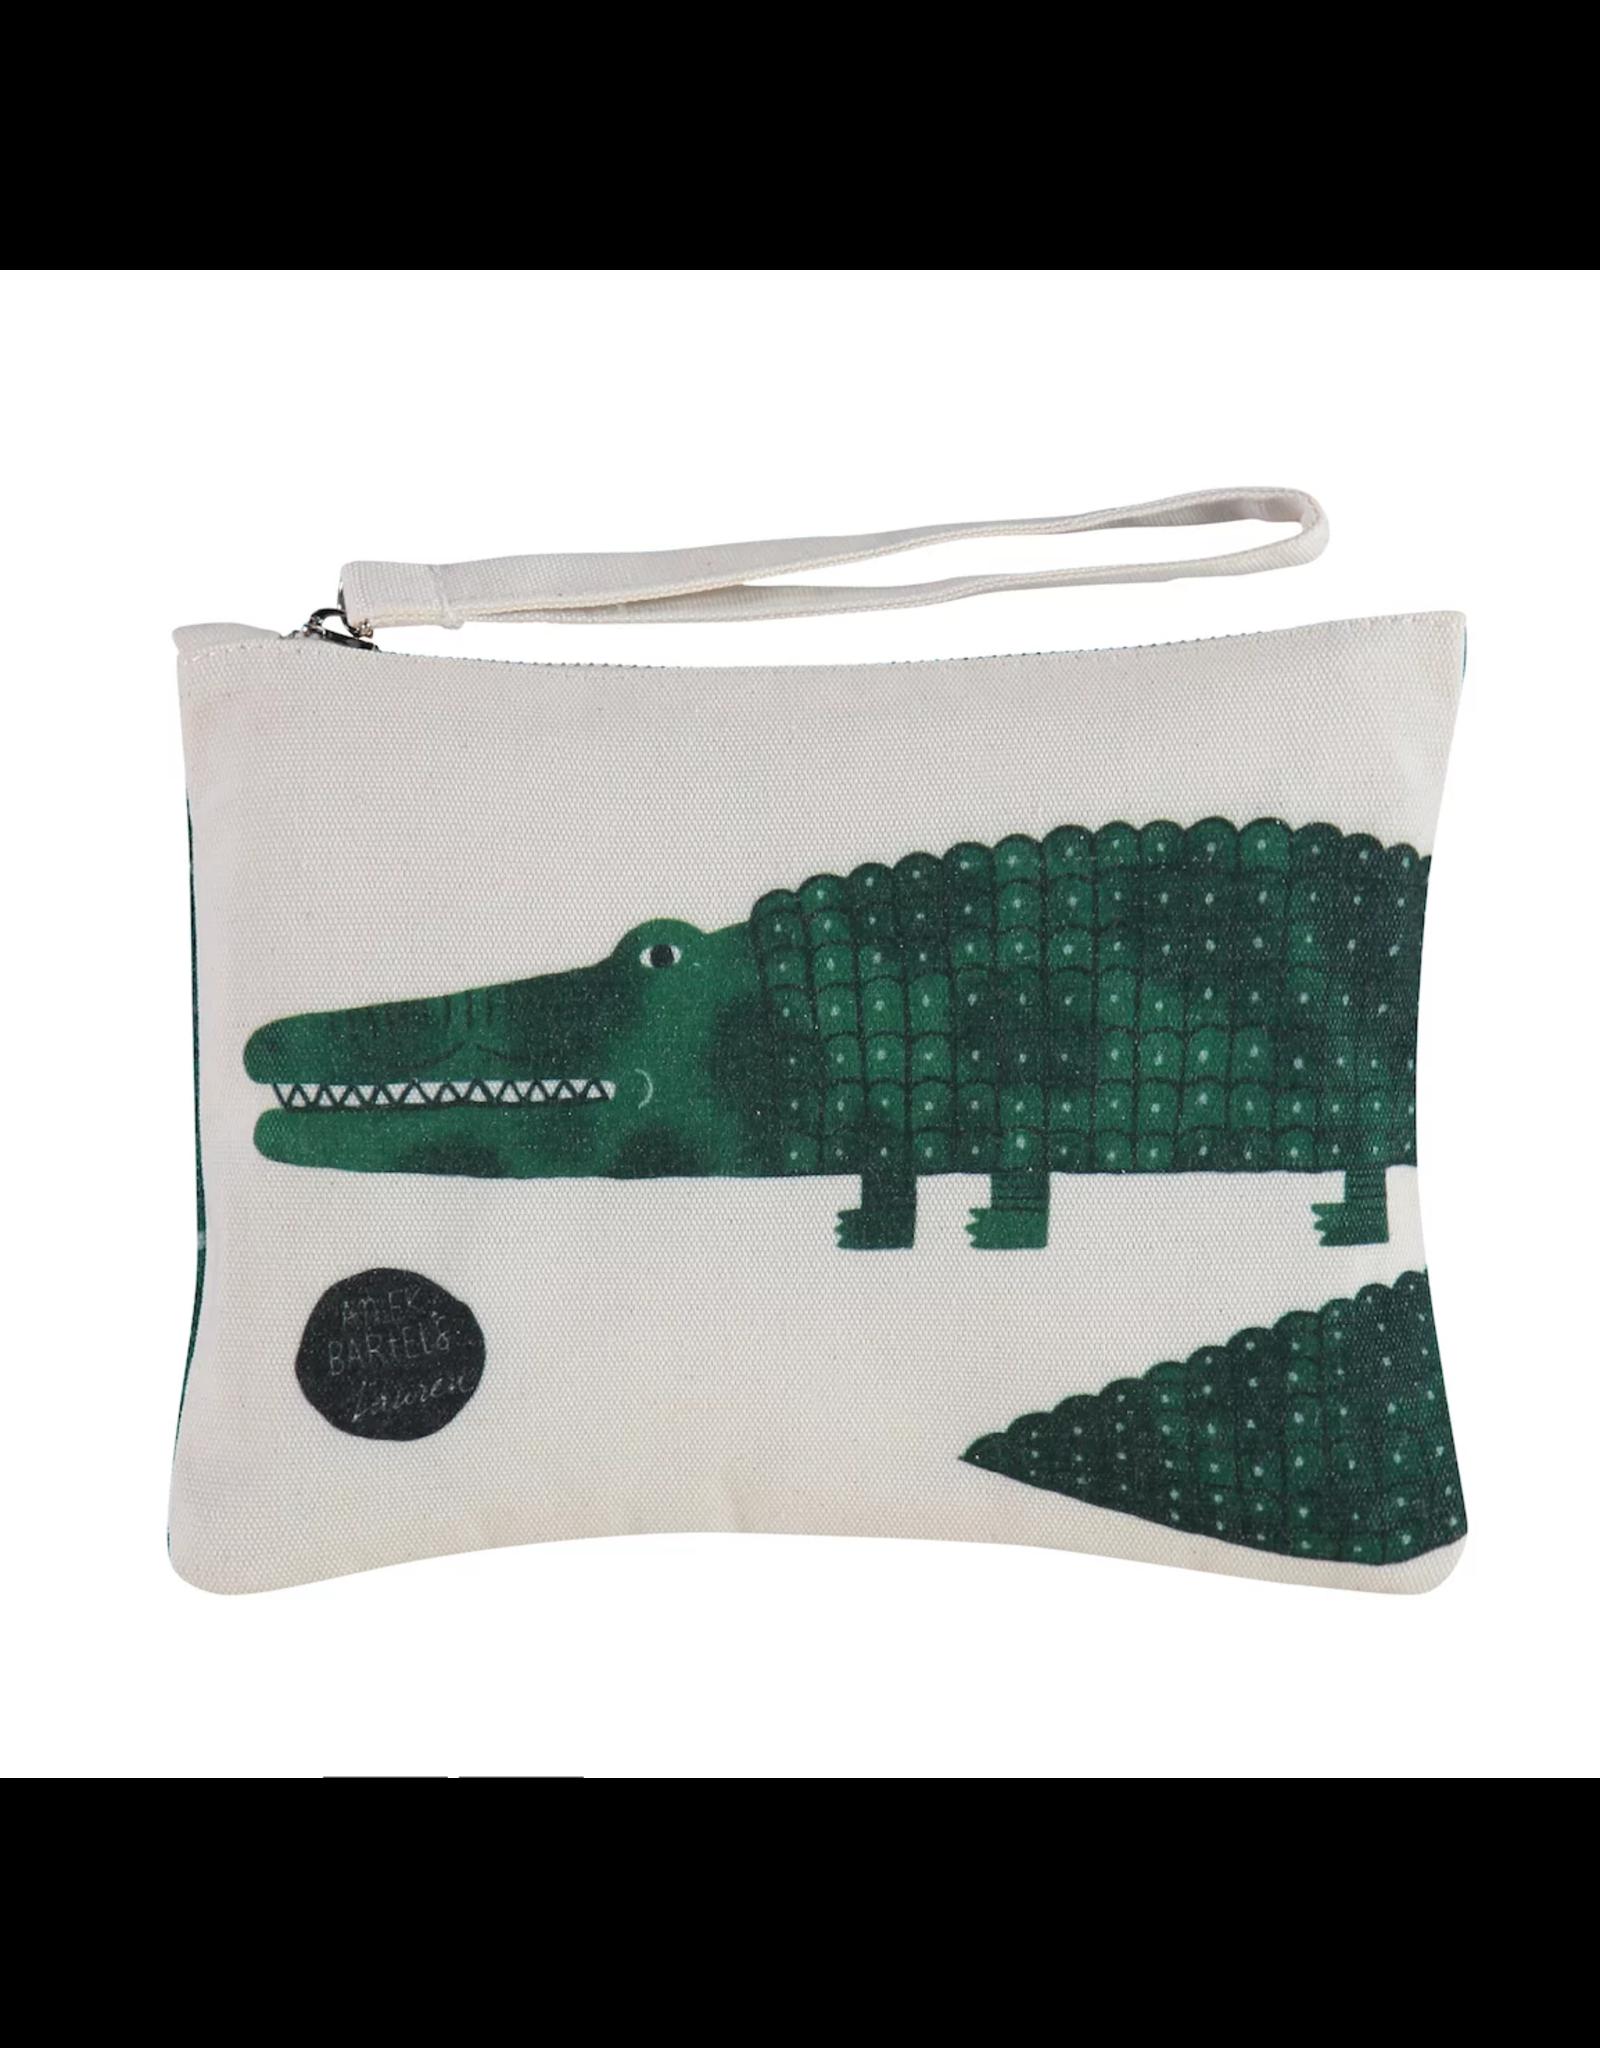 Etui/toiletzak krokodil klein